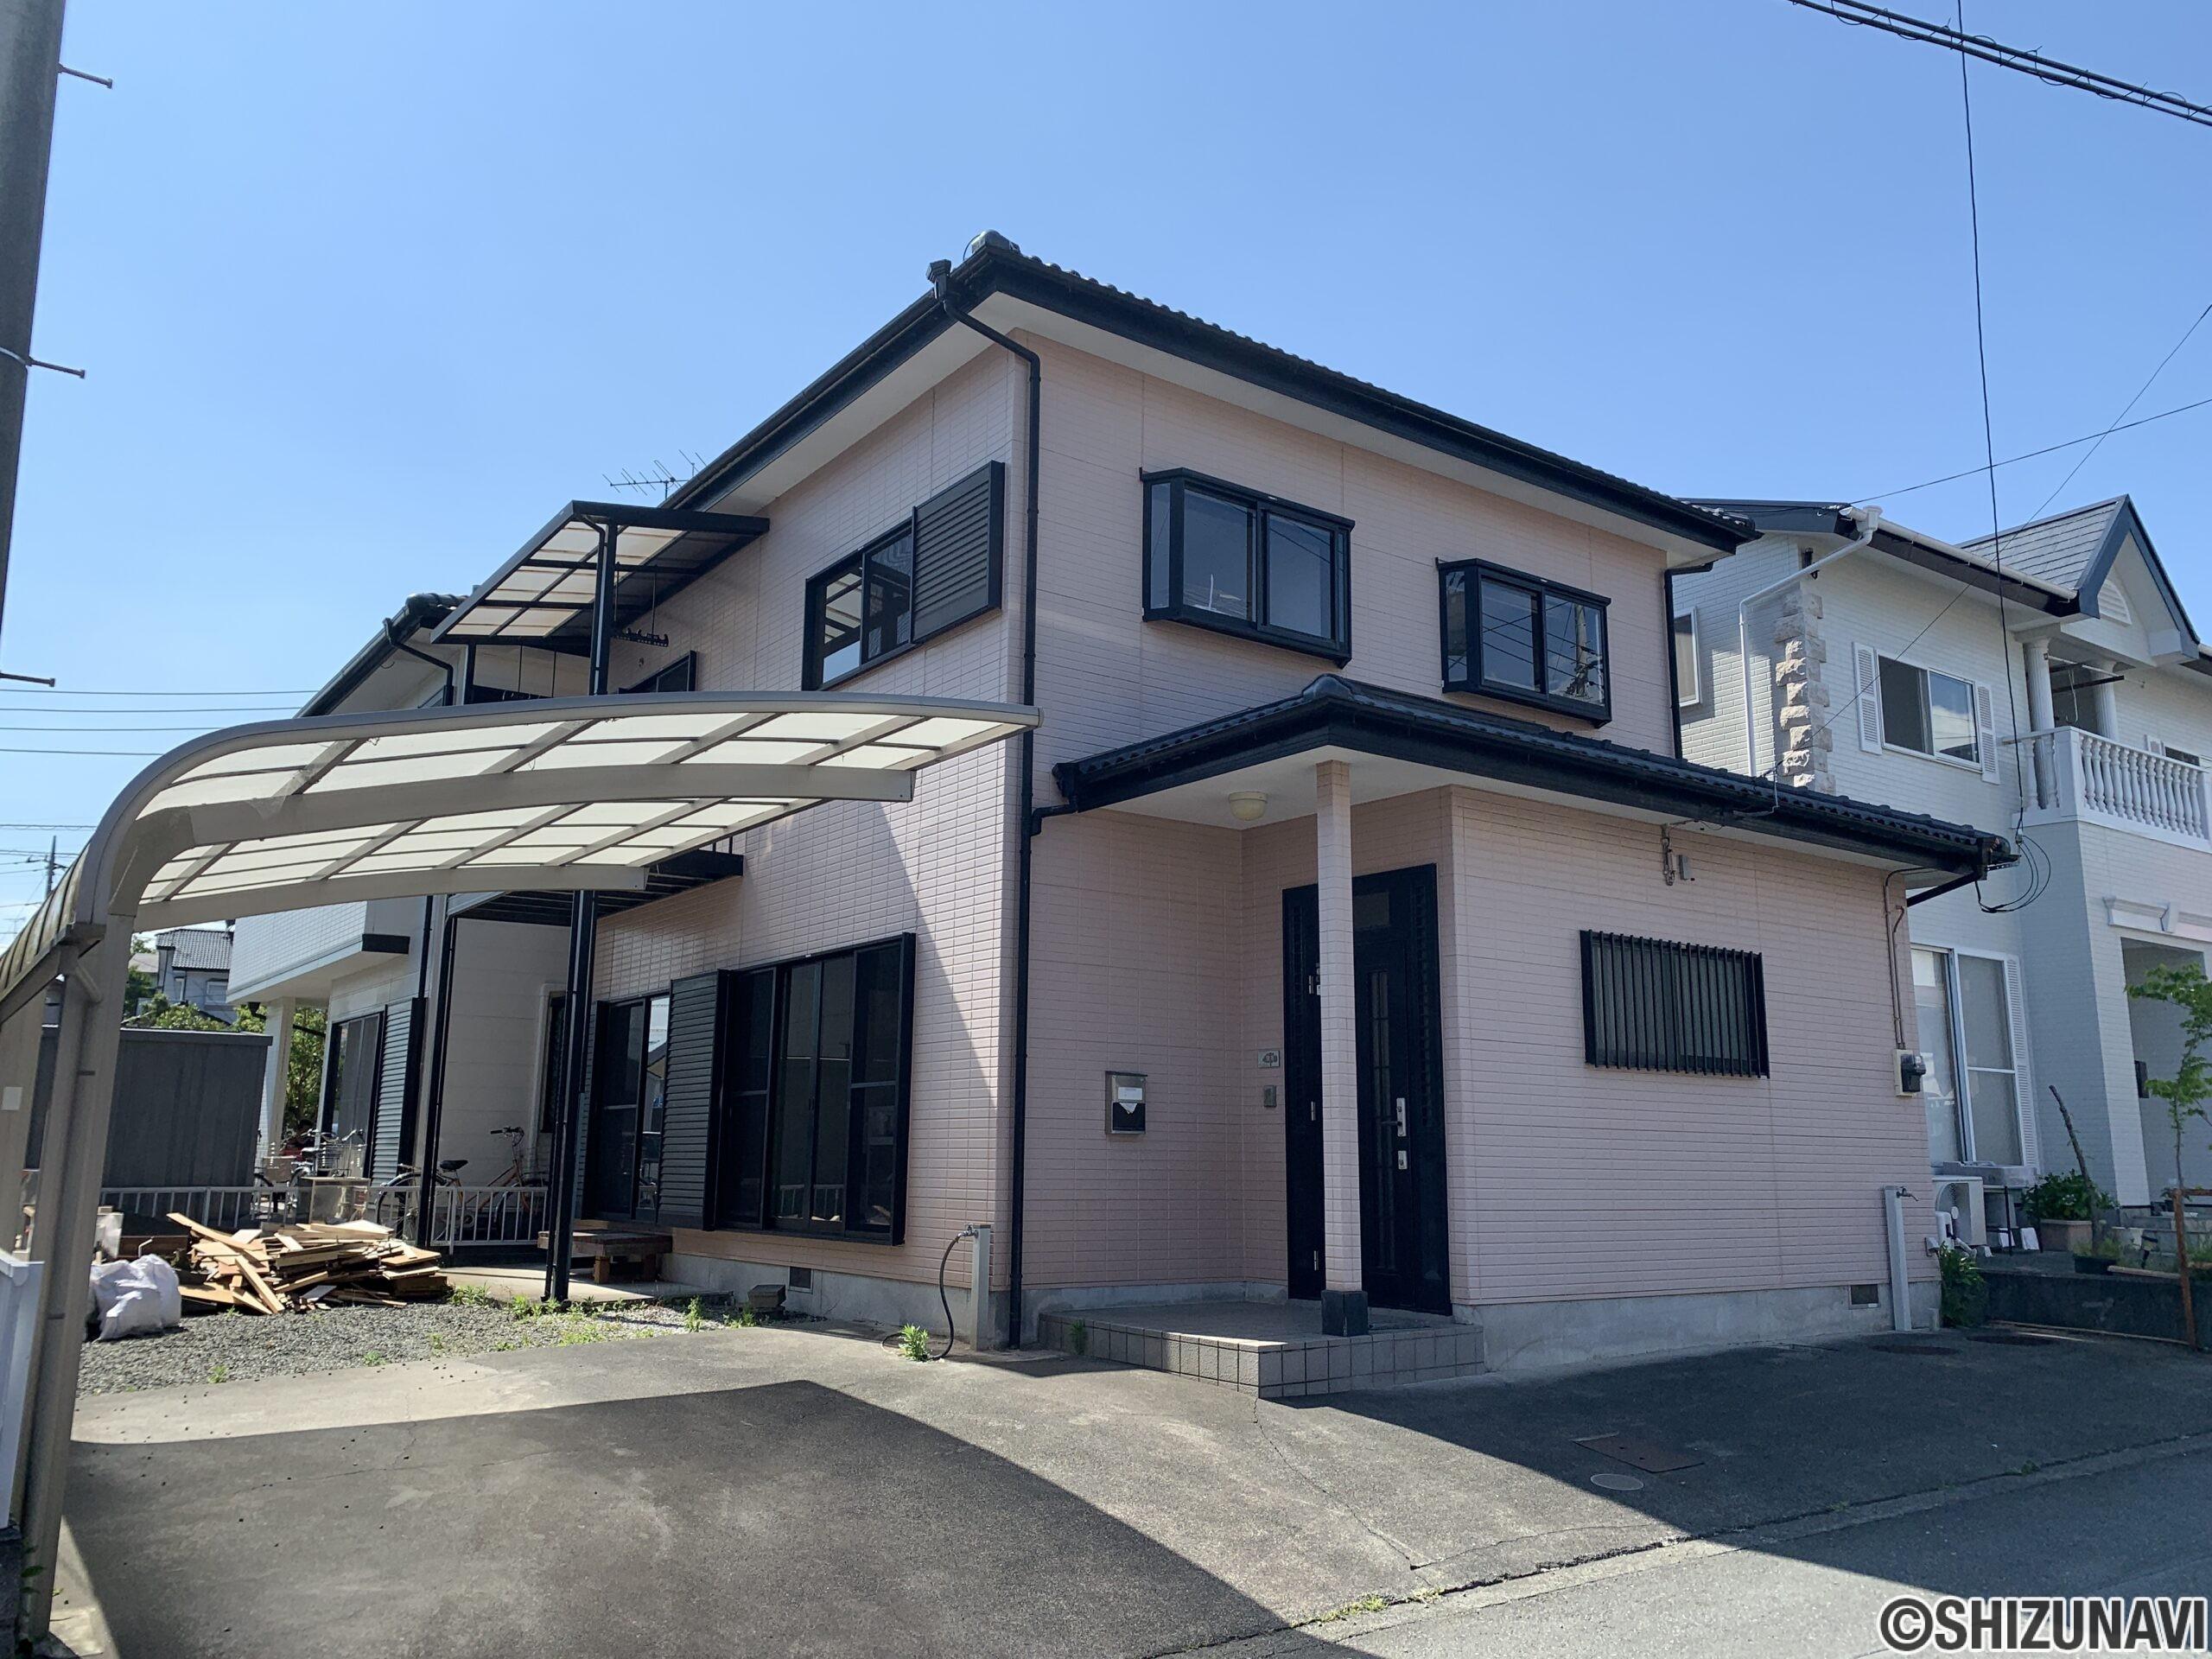 富士市今泉 現在リフォーム工事中 4LDKリノベーション住宅